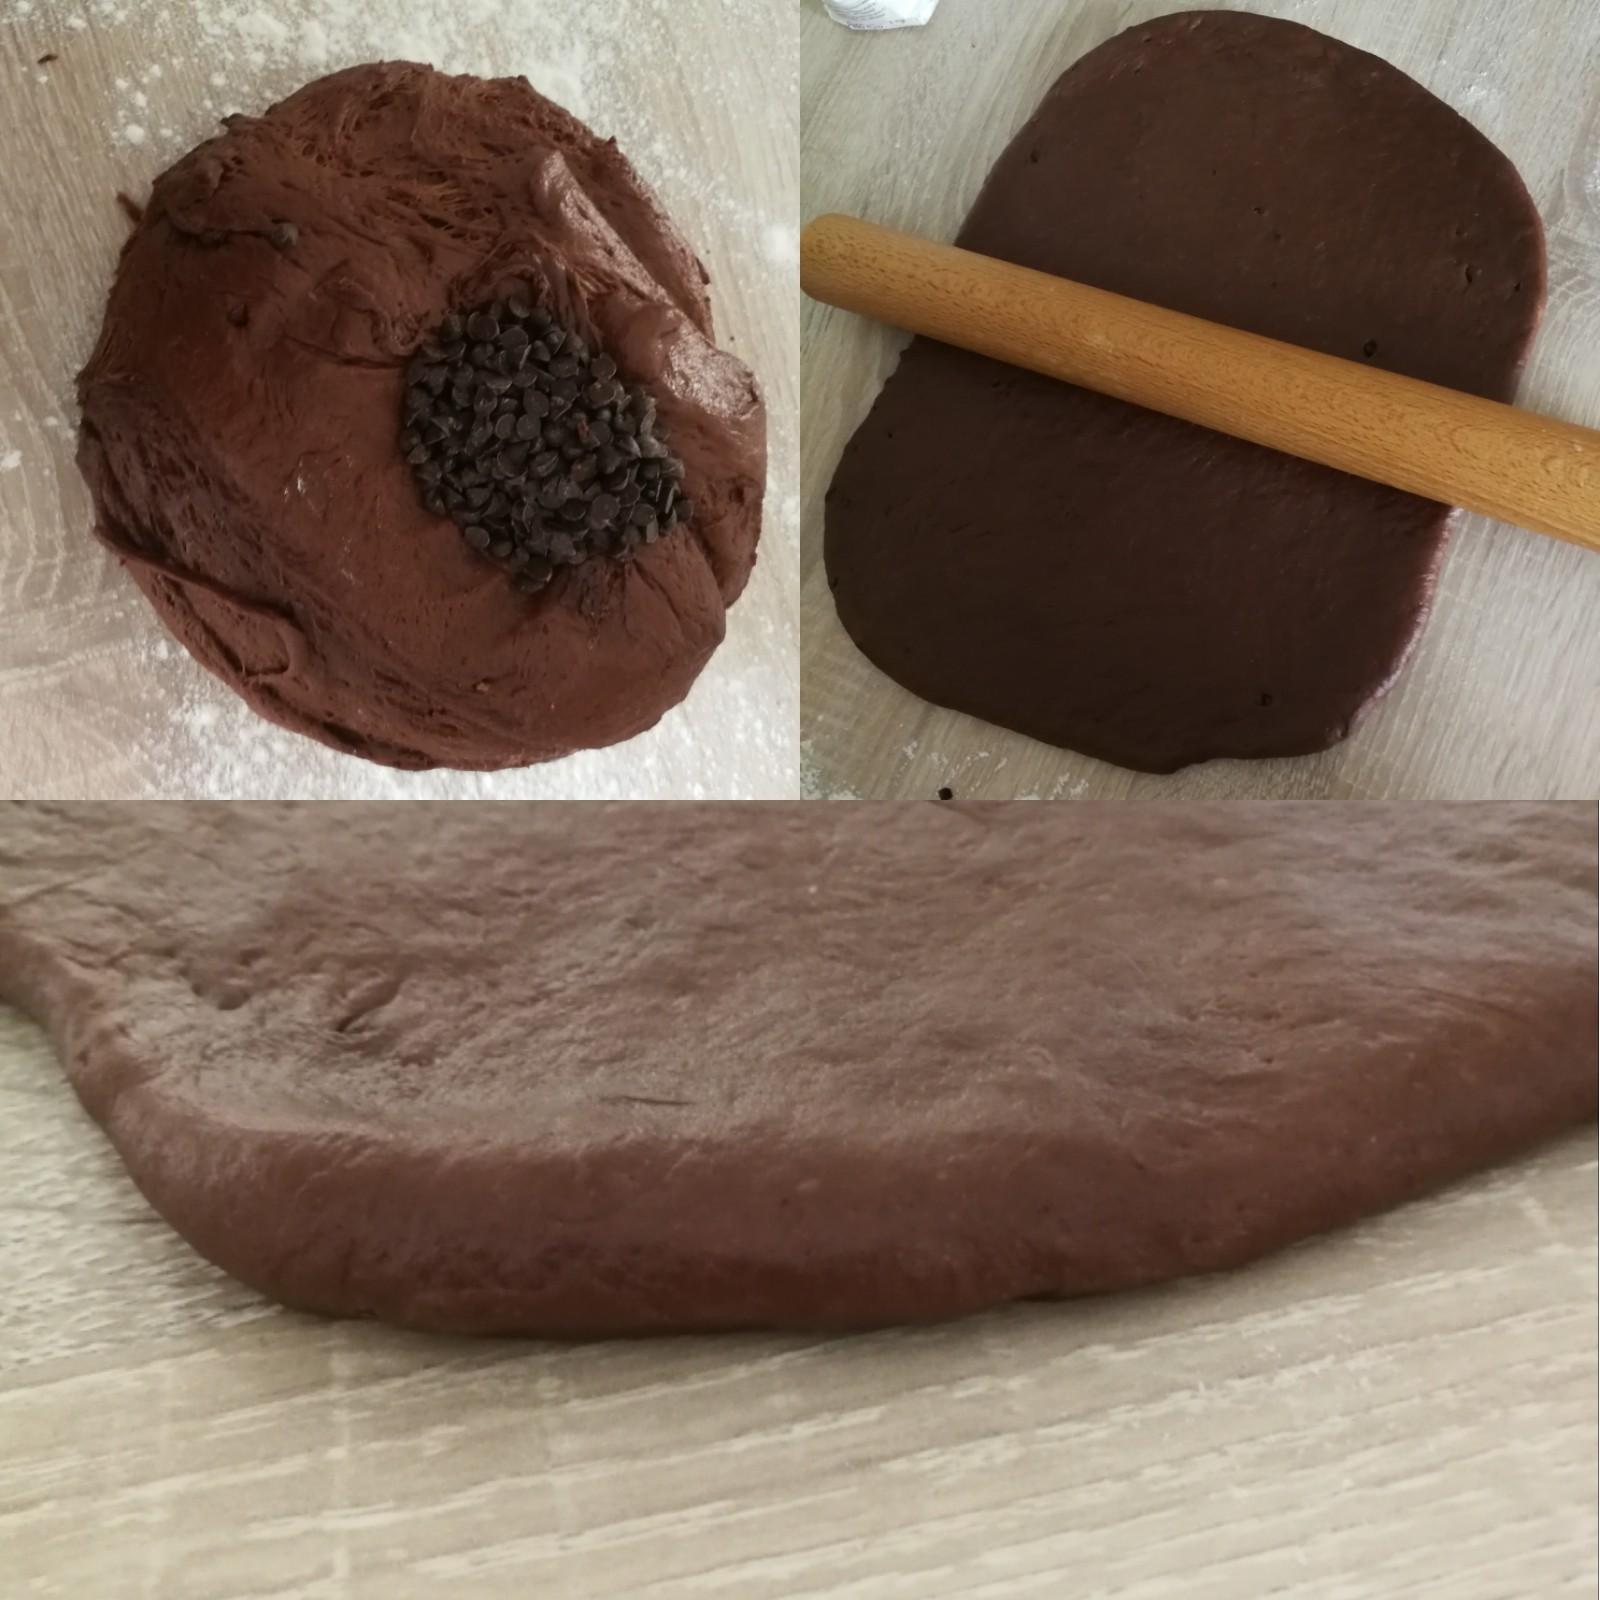 chinois tout chocolat